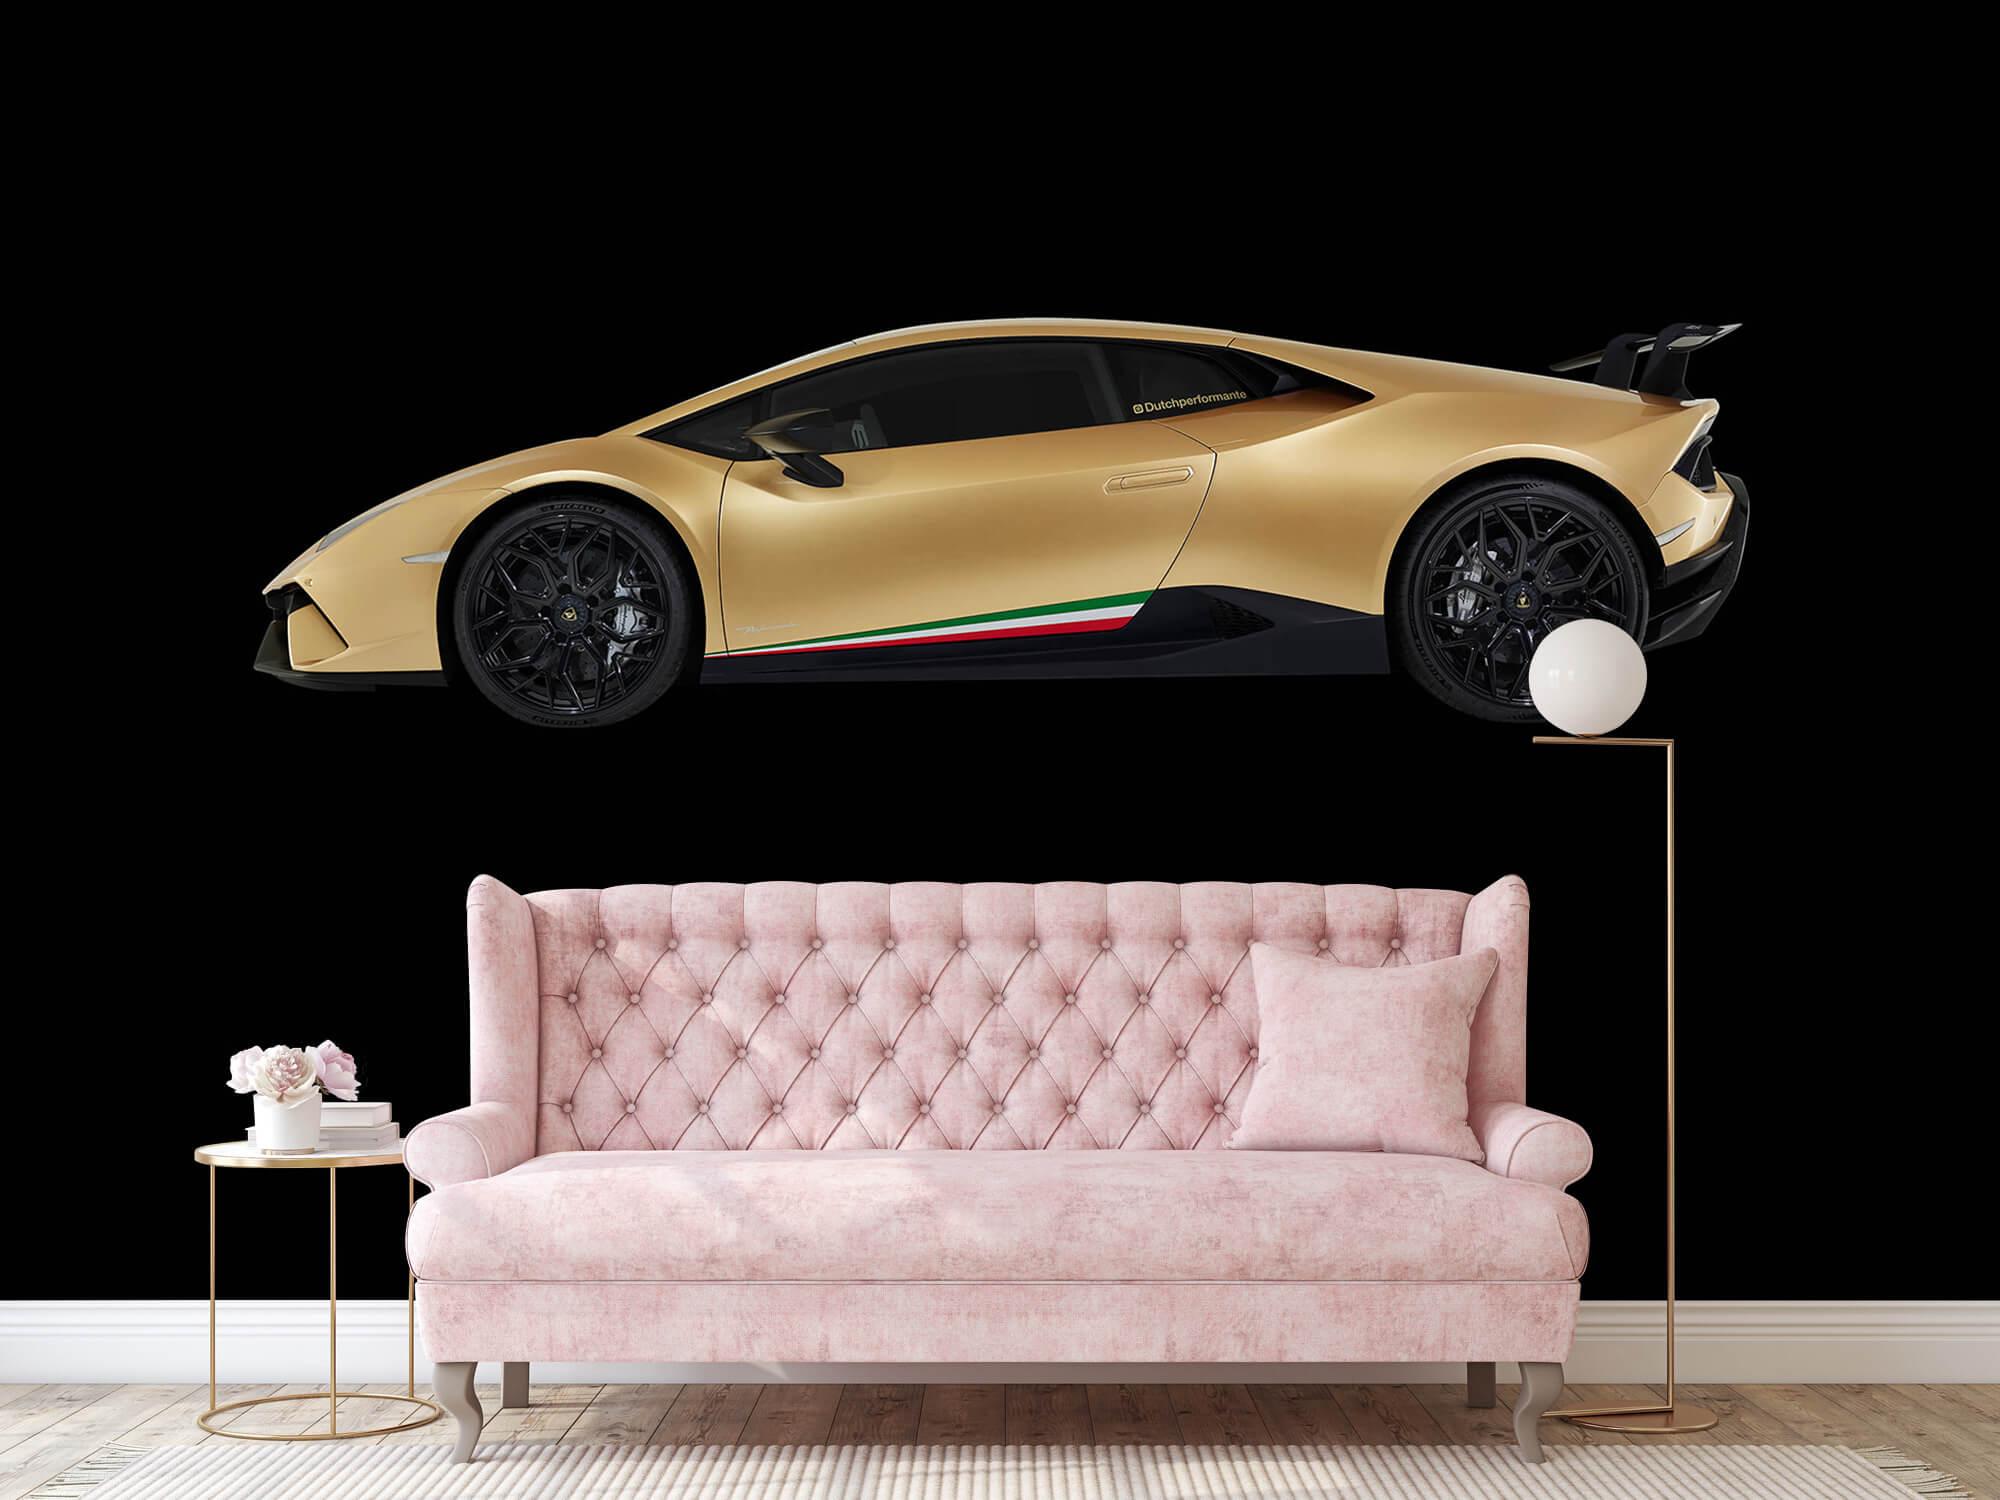 Wallpaper Lamborghini Huracán - Side, black 14